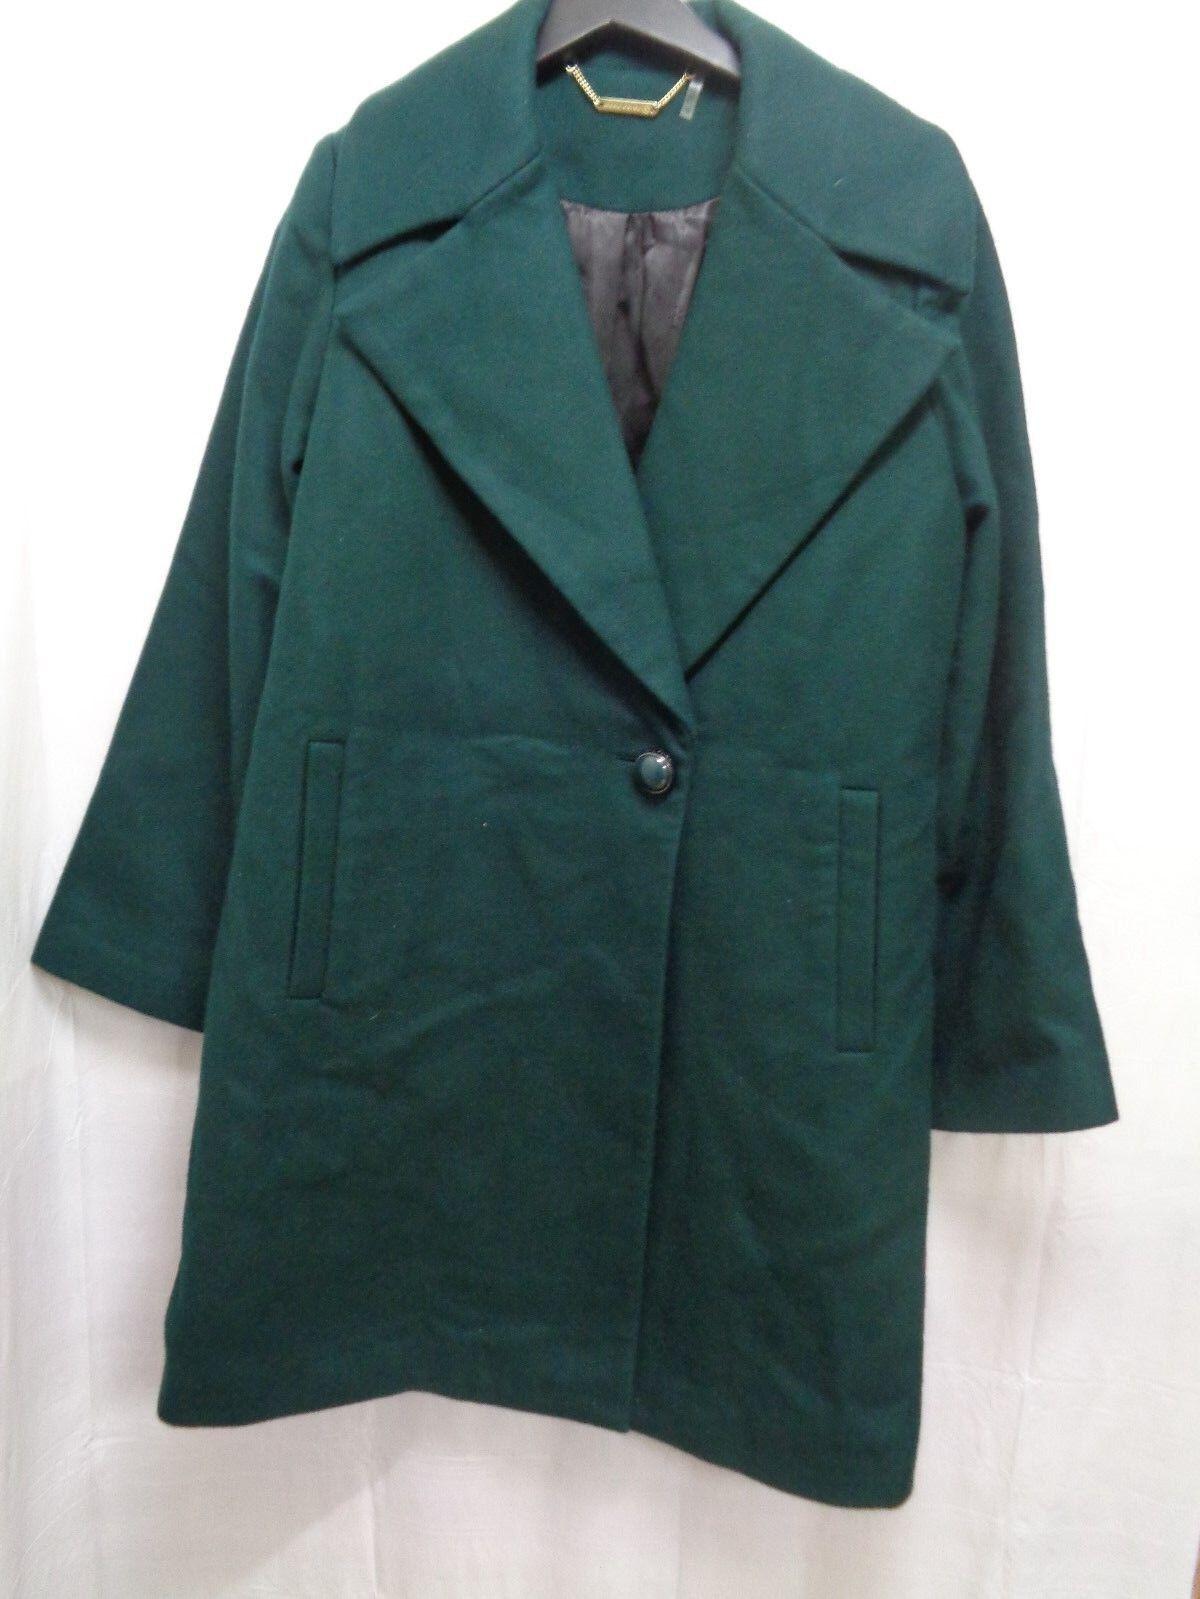 Women's Trina Turk Claire Wool Blend Coat in Bottle Green Size 10